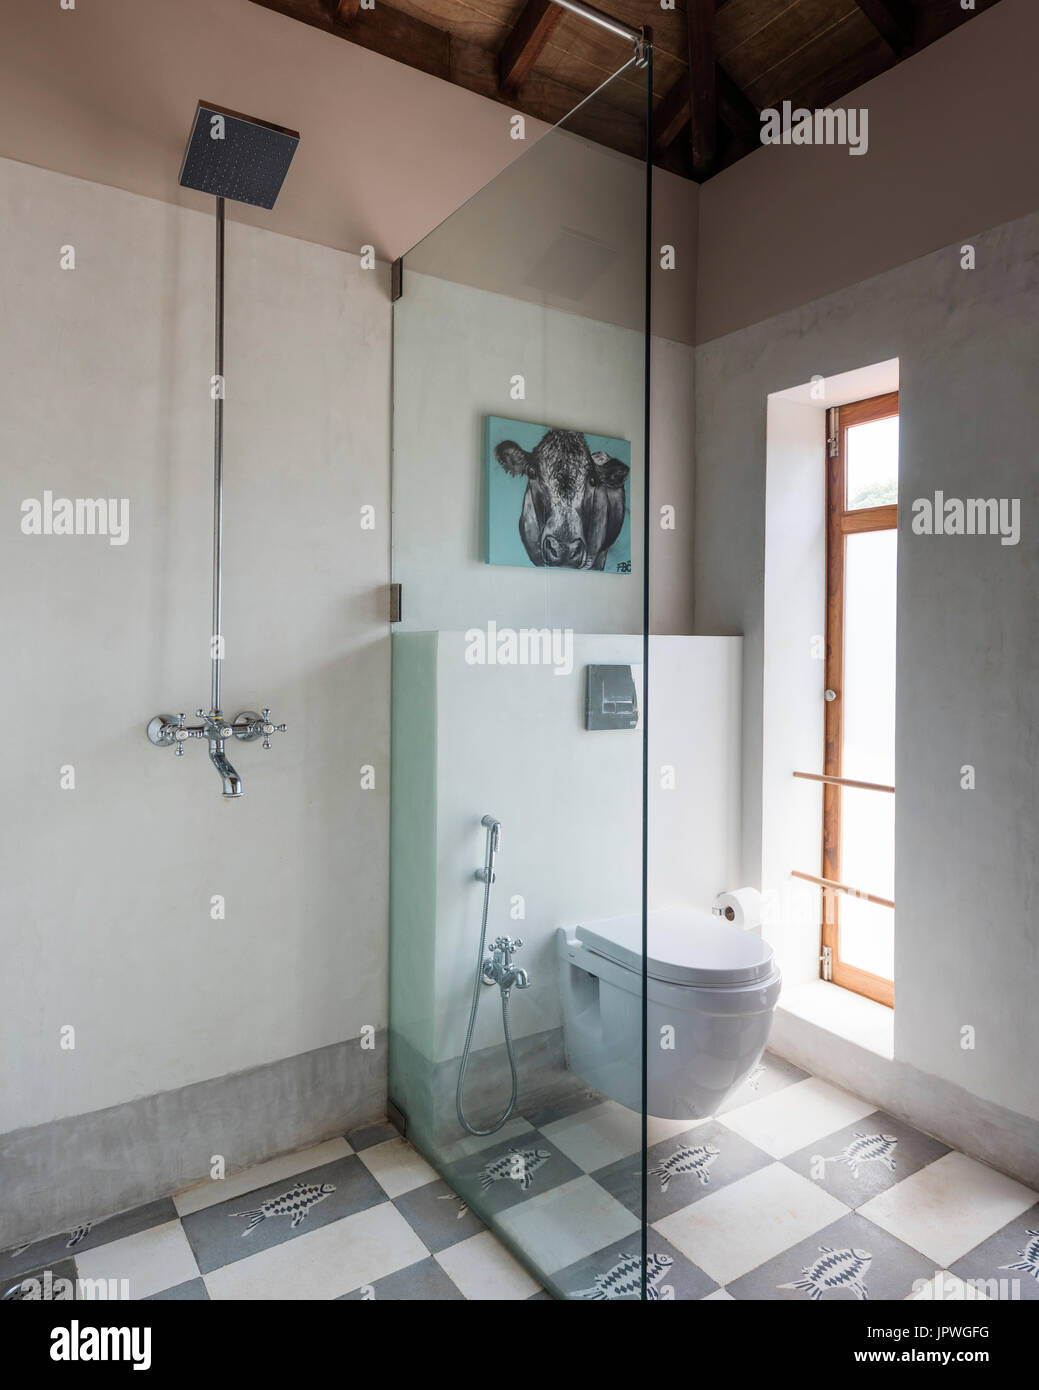 Badezimmer Mit Kuh Malerei über Toilette Stockbild